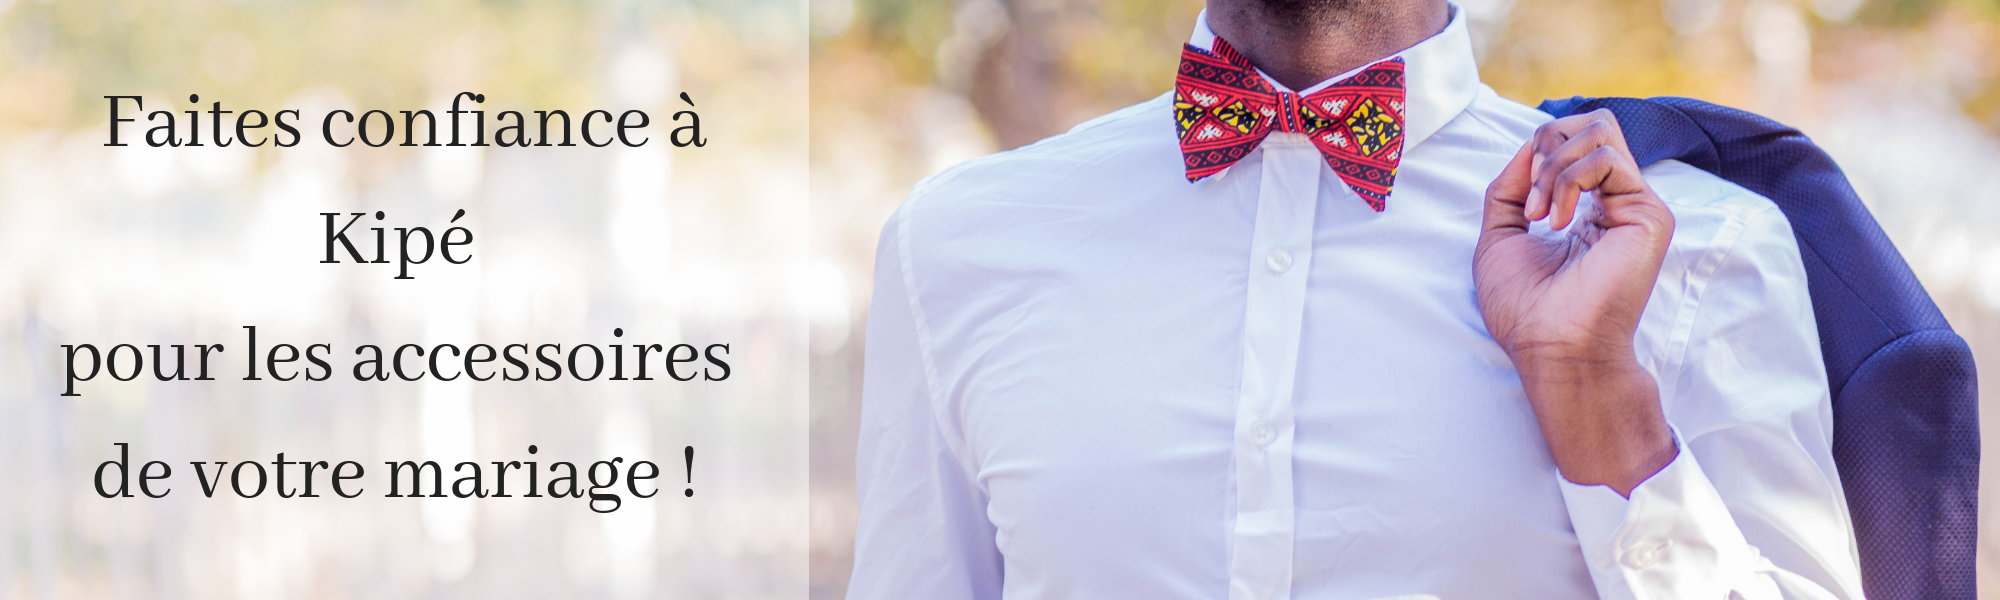 Faites confiance à Kipé pour les accessoires de votre mariage !